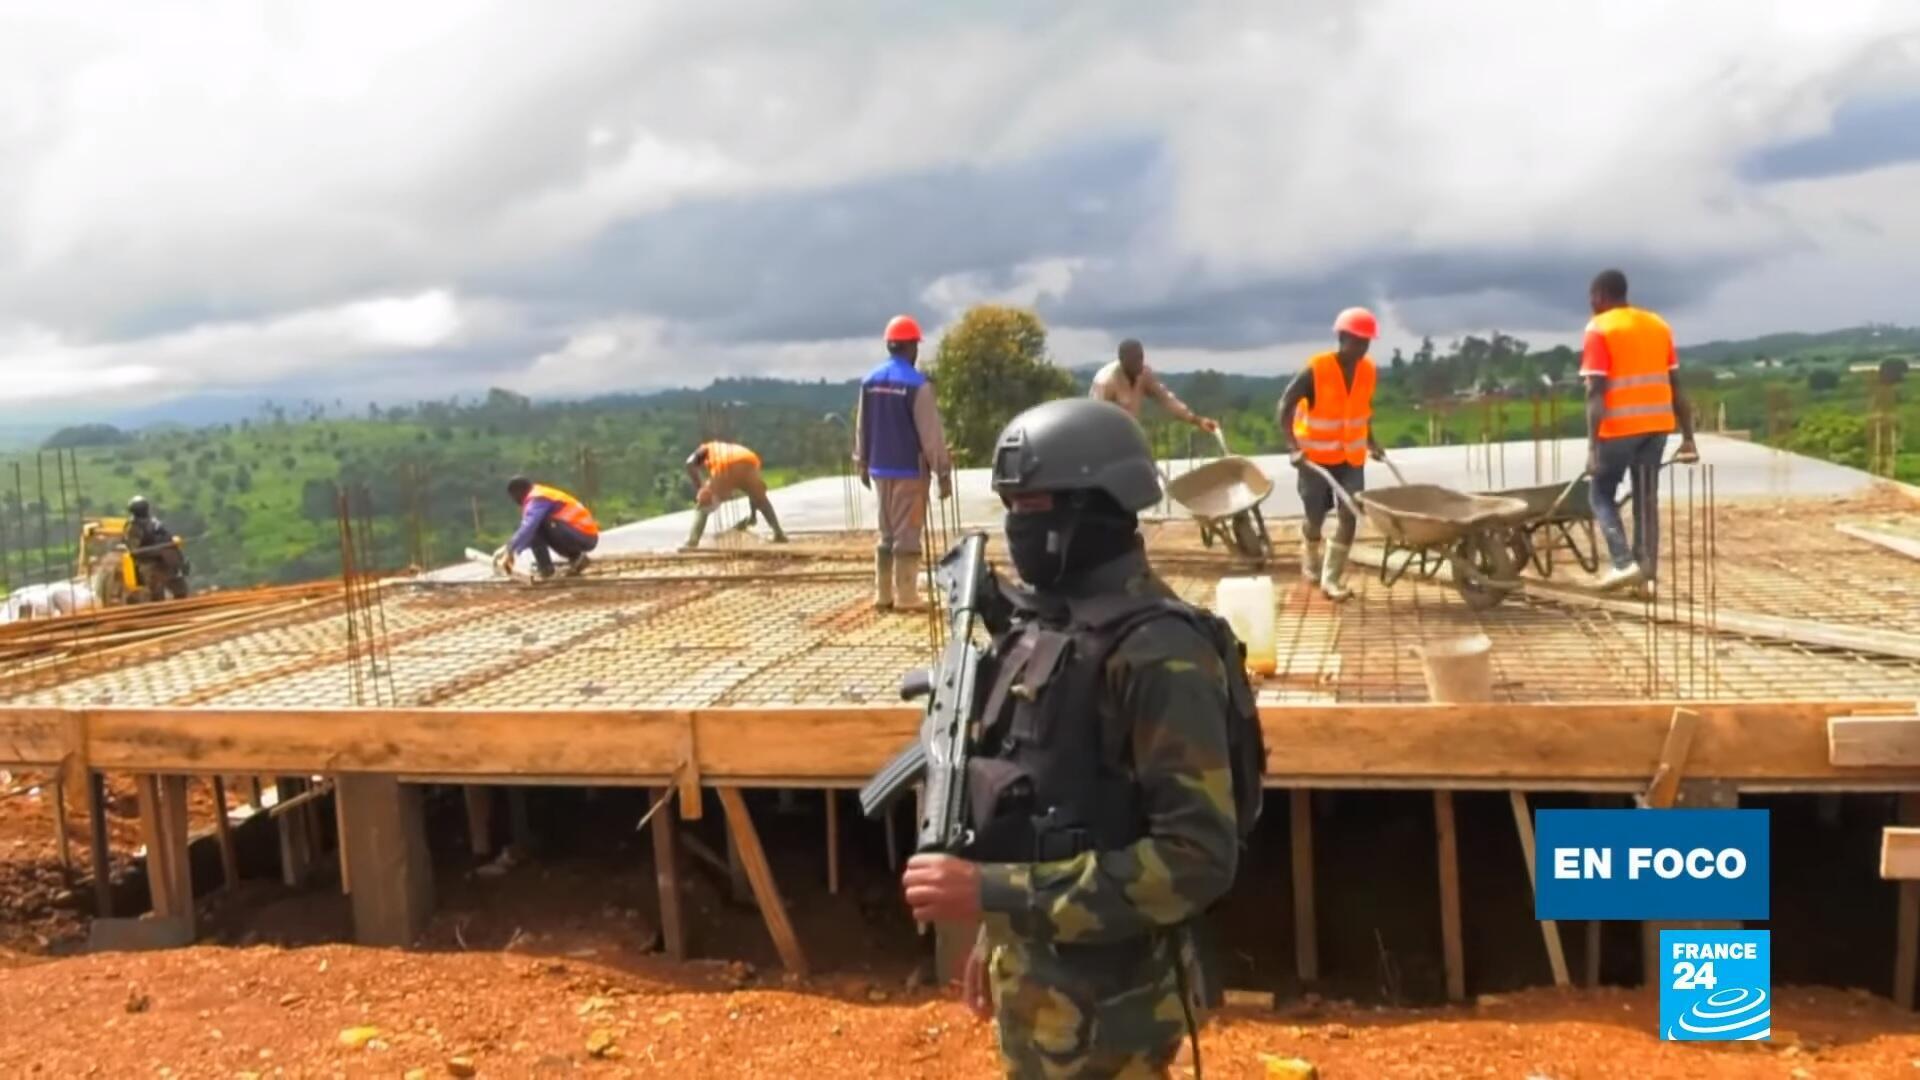 en foco camerun